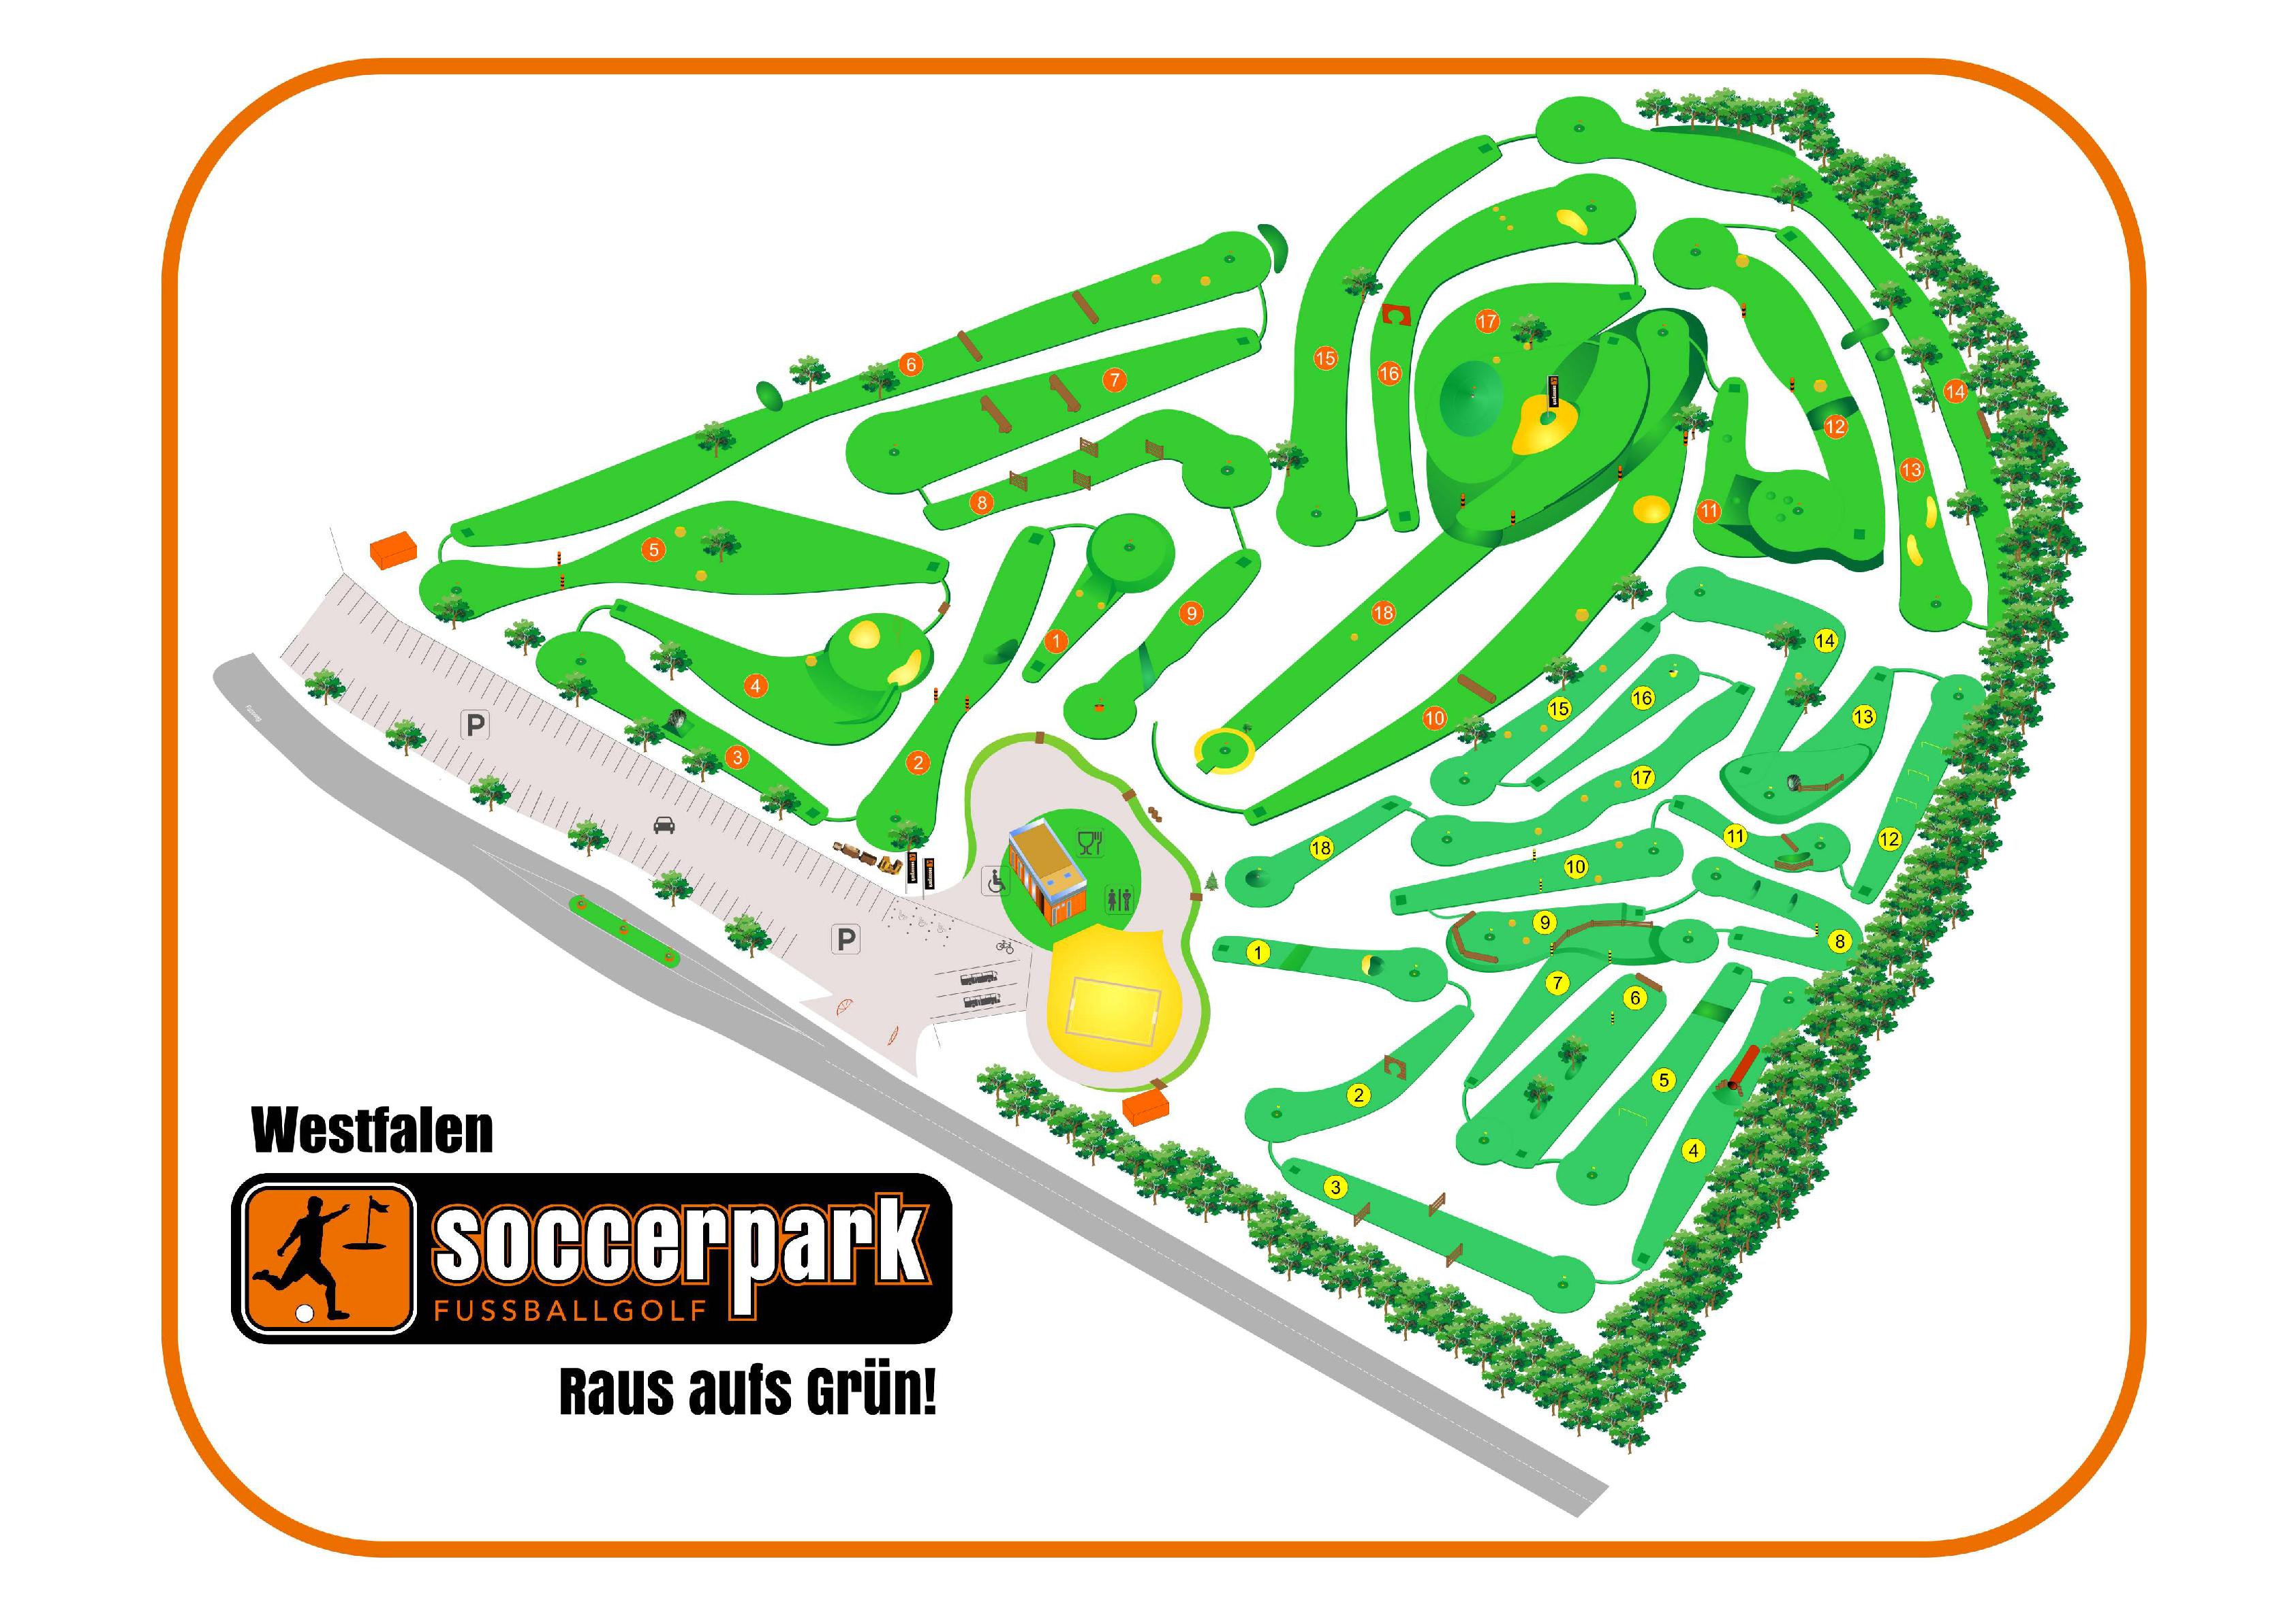 Soccerpark Westfalen Unsere Anlage